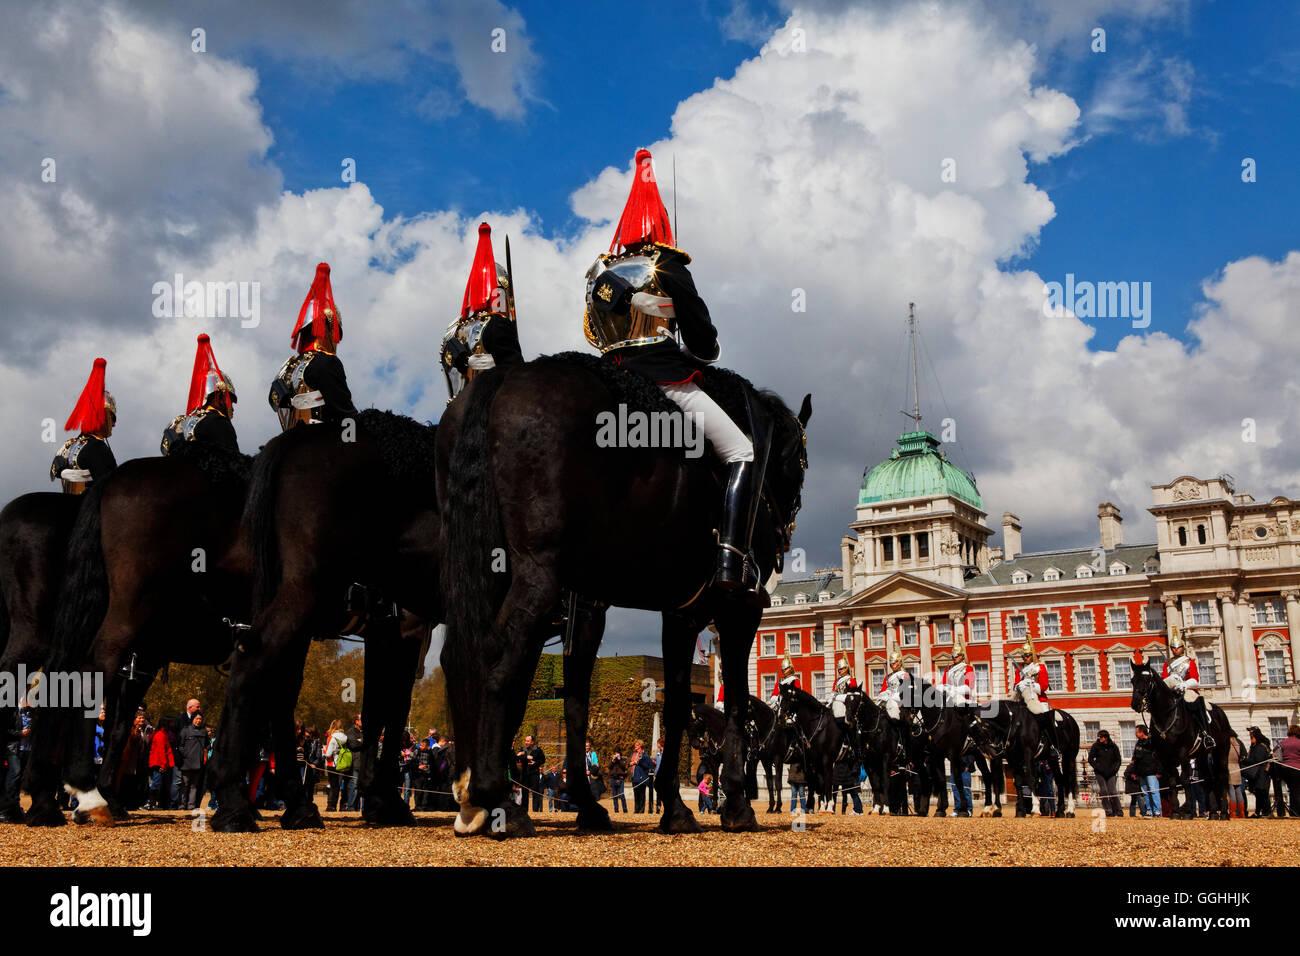 Modifica del cavallo protezioni, la Sfilata delle Guardie a Cavallo, London, England, Regno Unito Immagini Stock